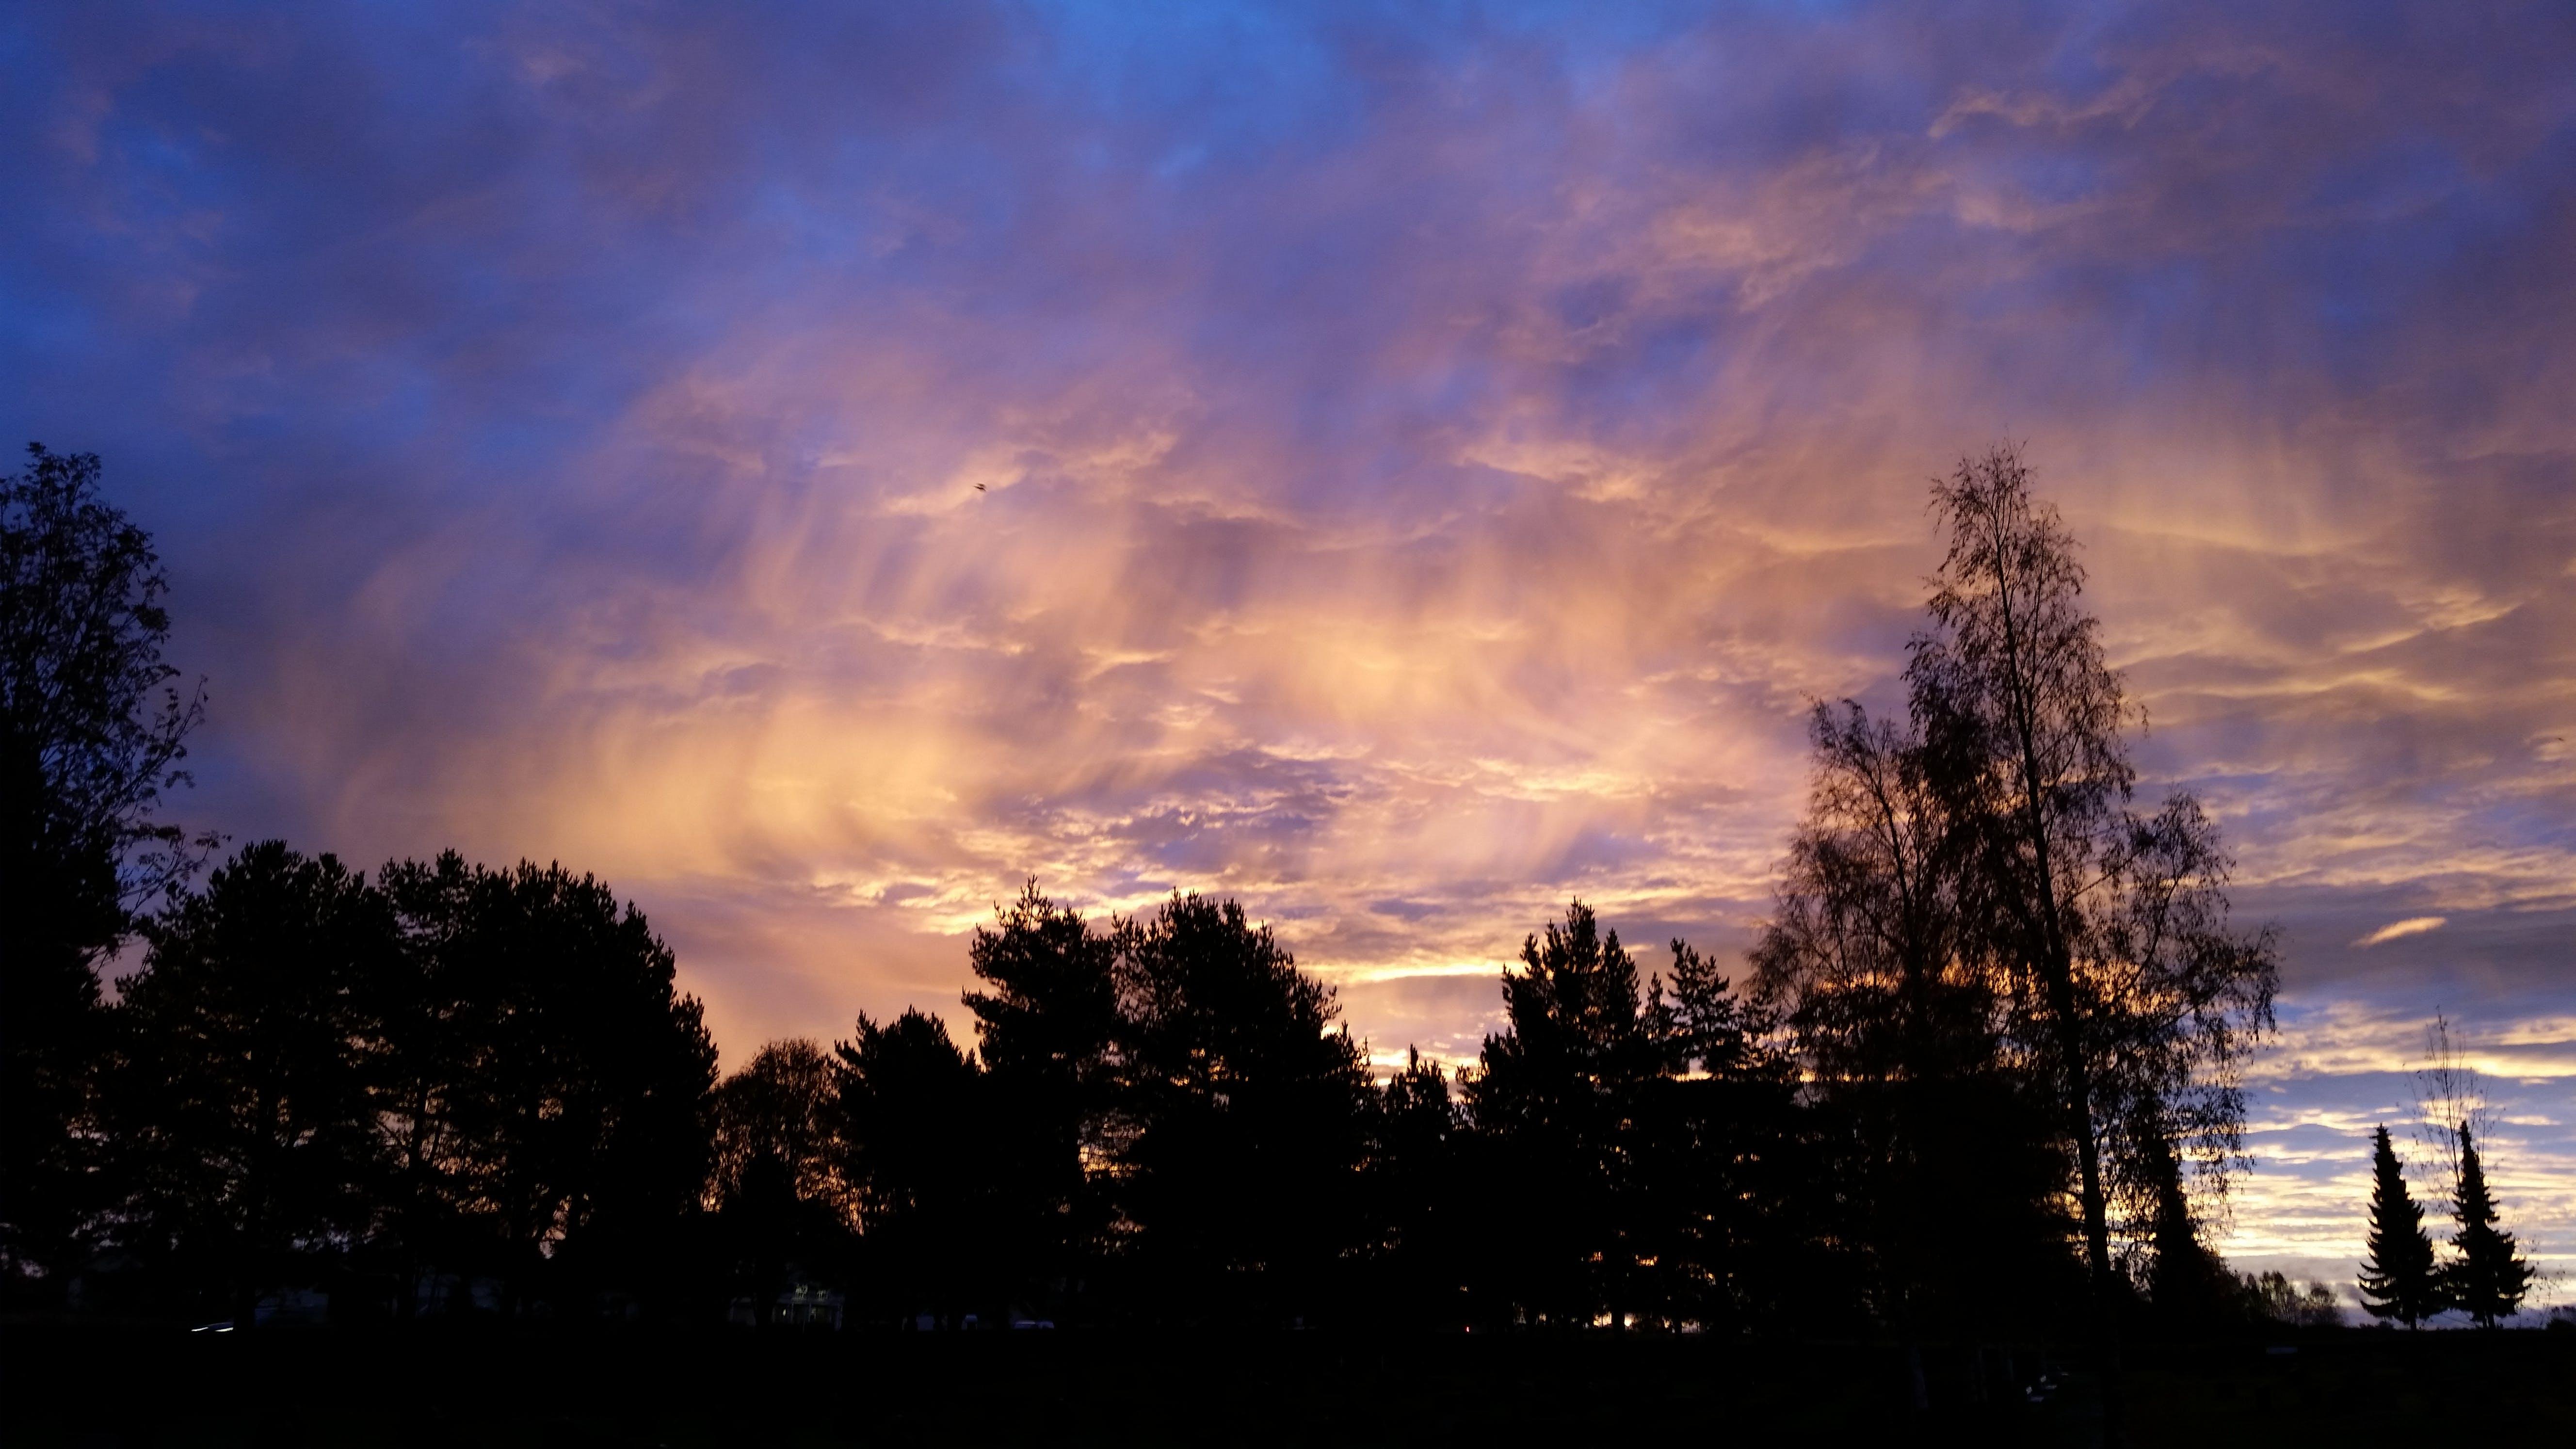 Foto d'estoc gratuïta de arbres, cels ennuvolats, colorit, ennuvolat